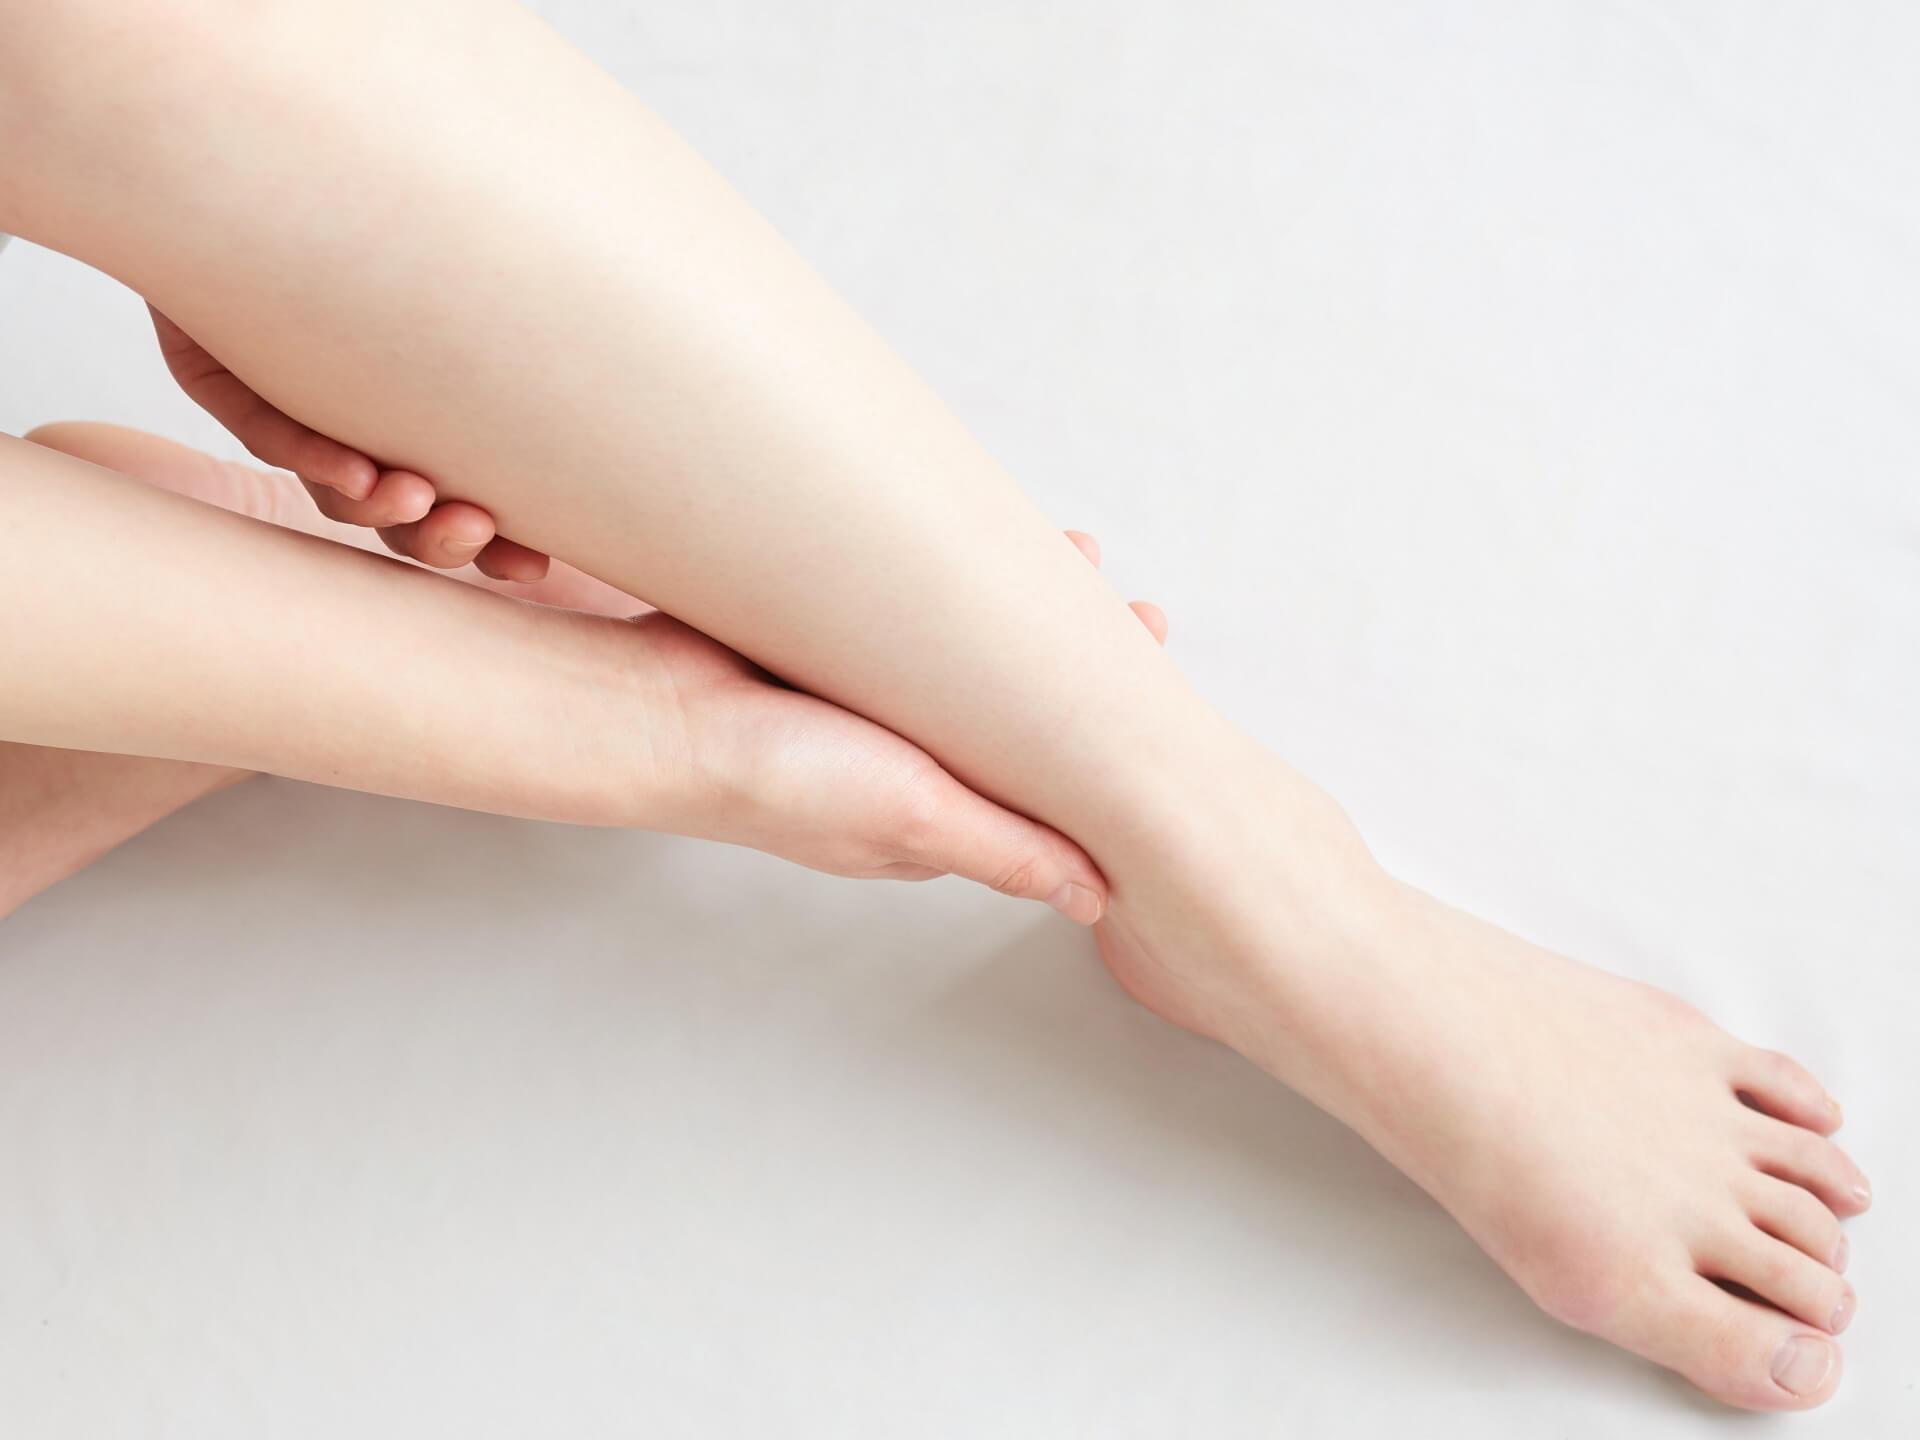 足の付け根が痛い原因